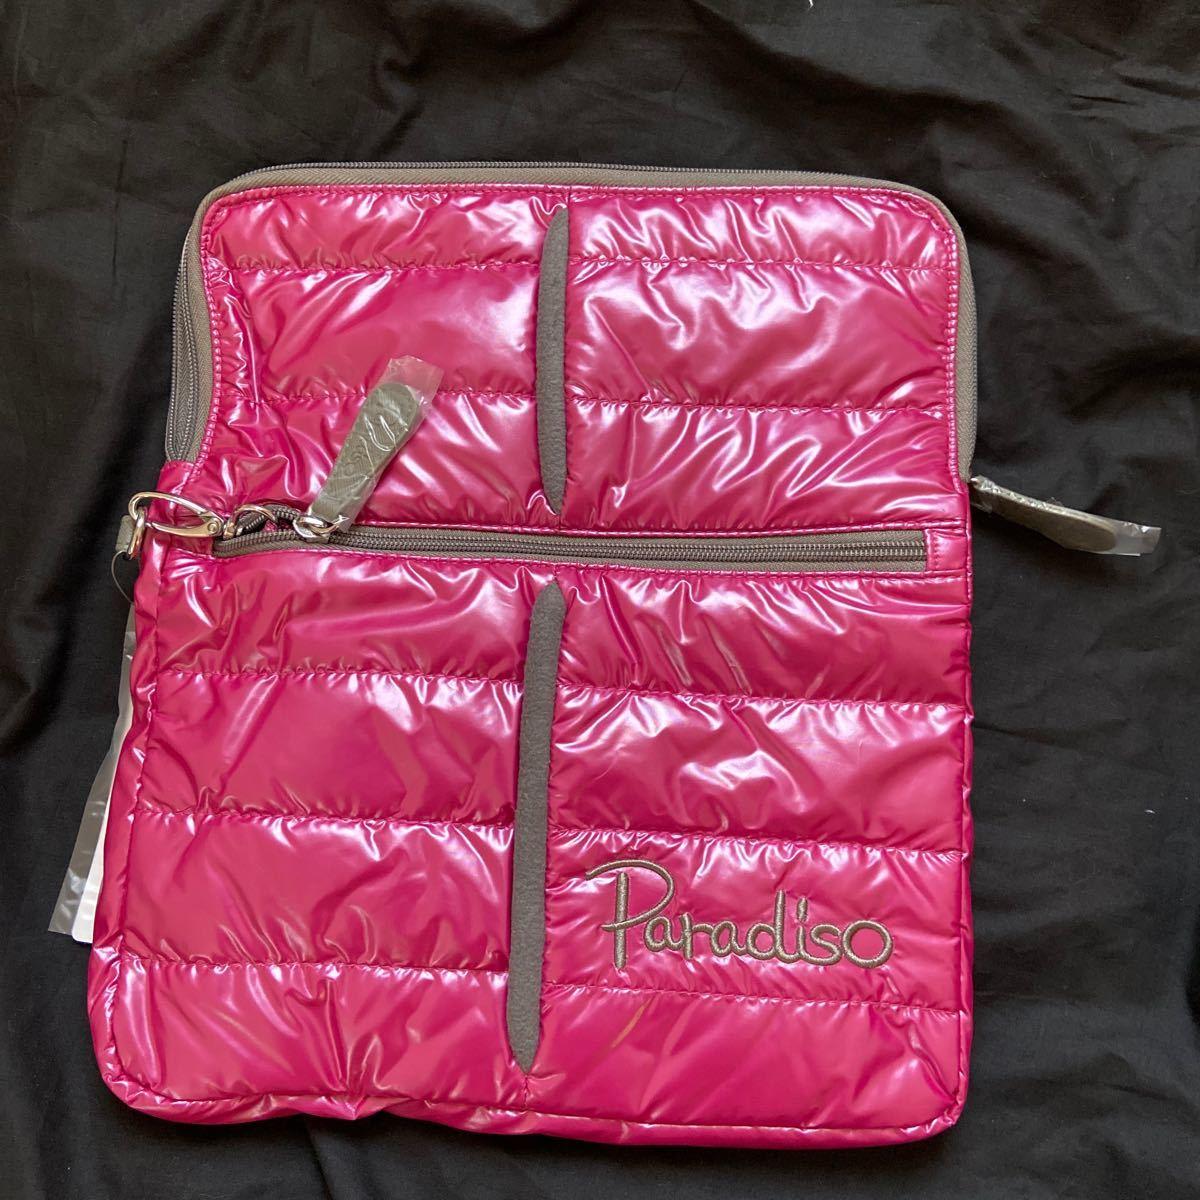 新品  タグ付き♪Paradiso ショルダートートバッグ